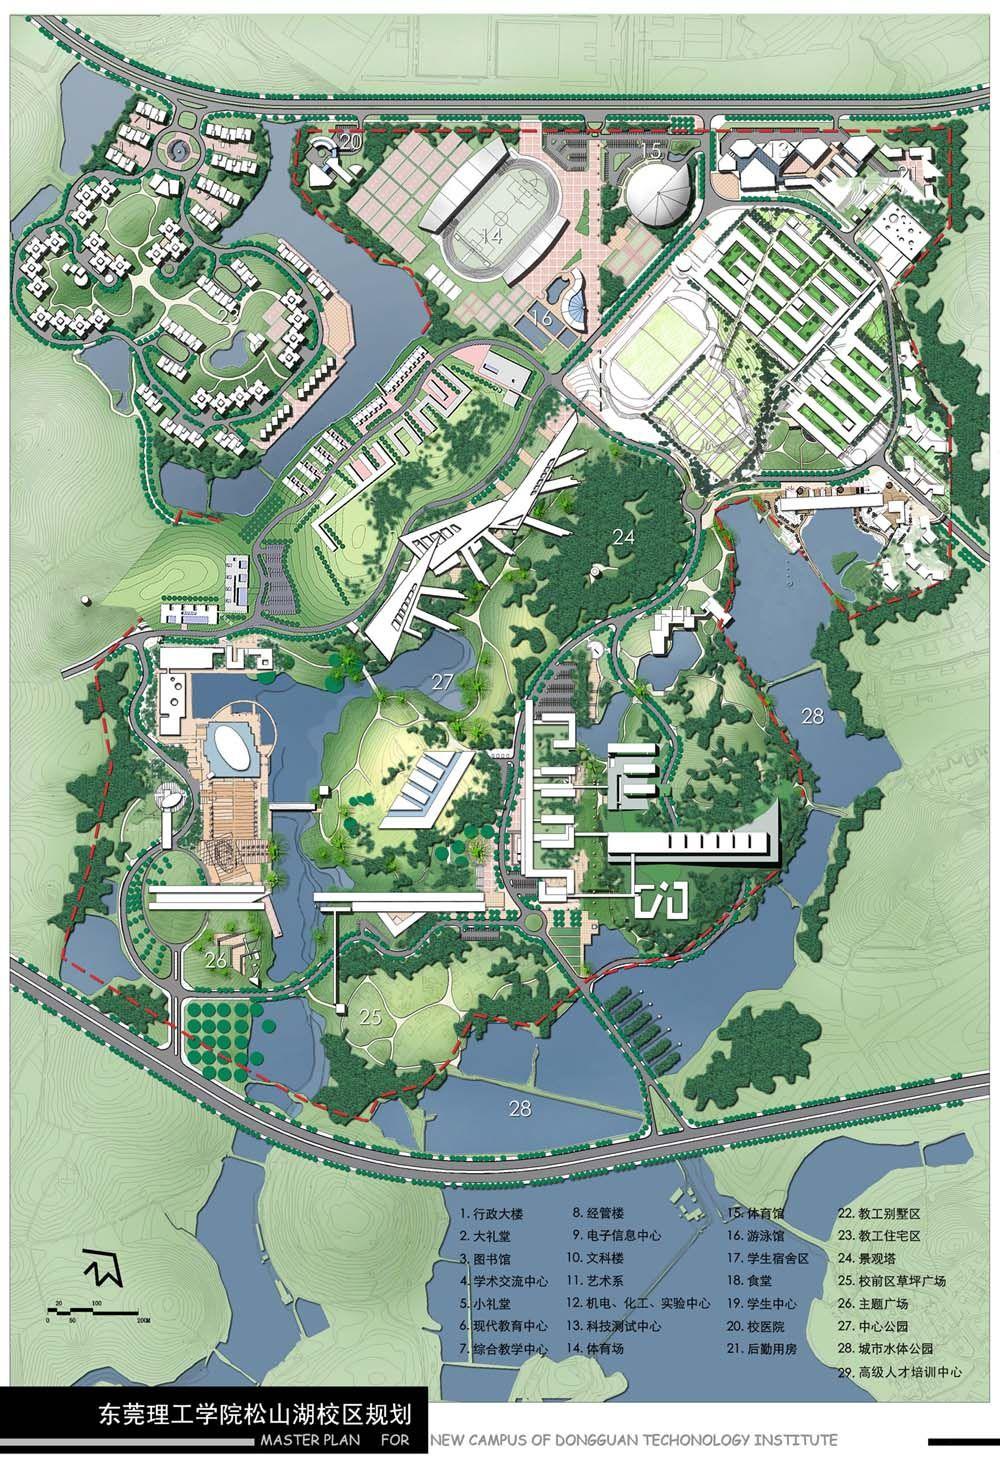 东莞理工学院城市学院新校区地址(寄信过去,要准确的)